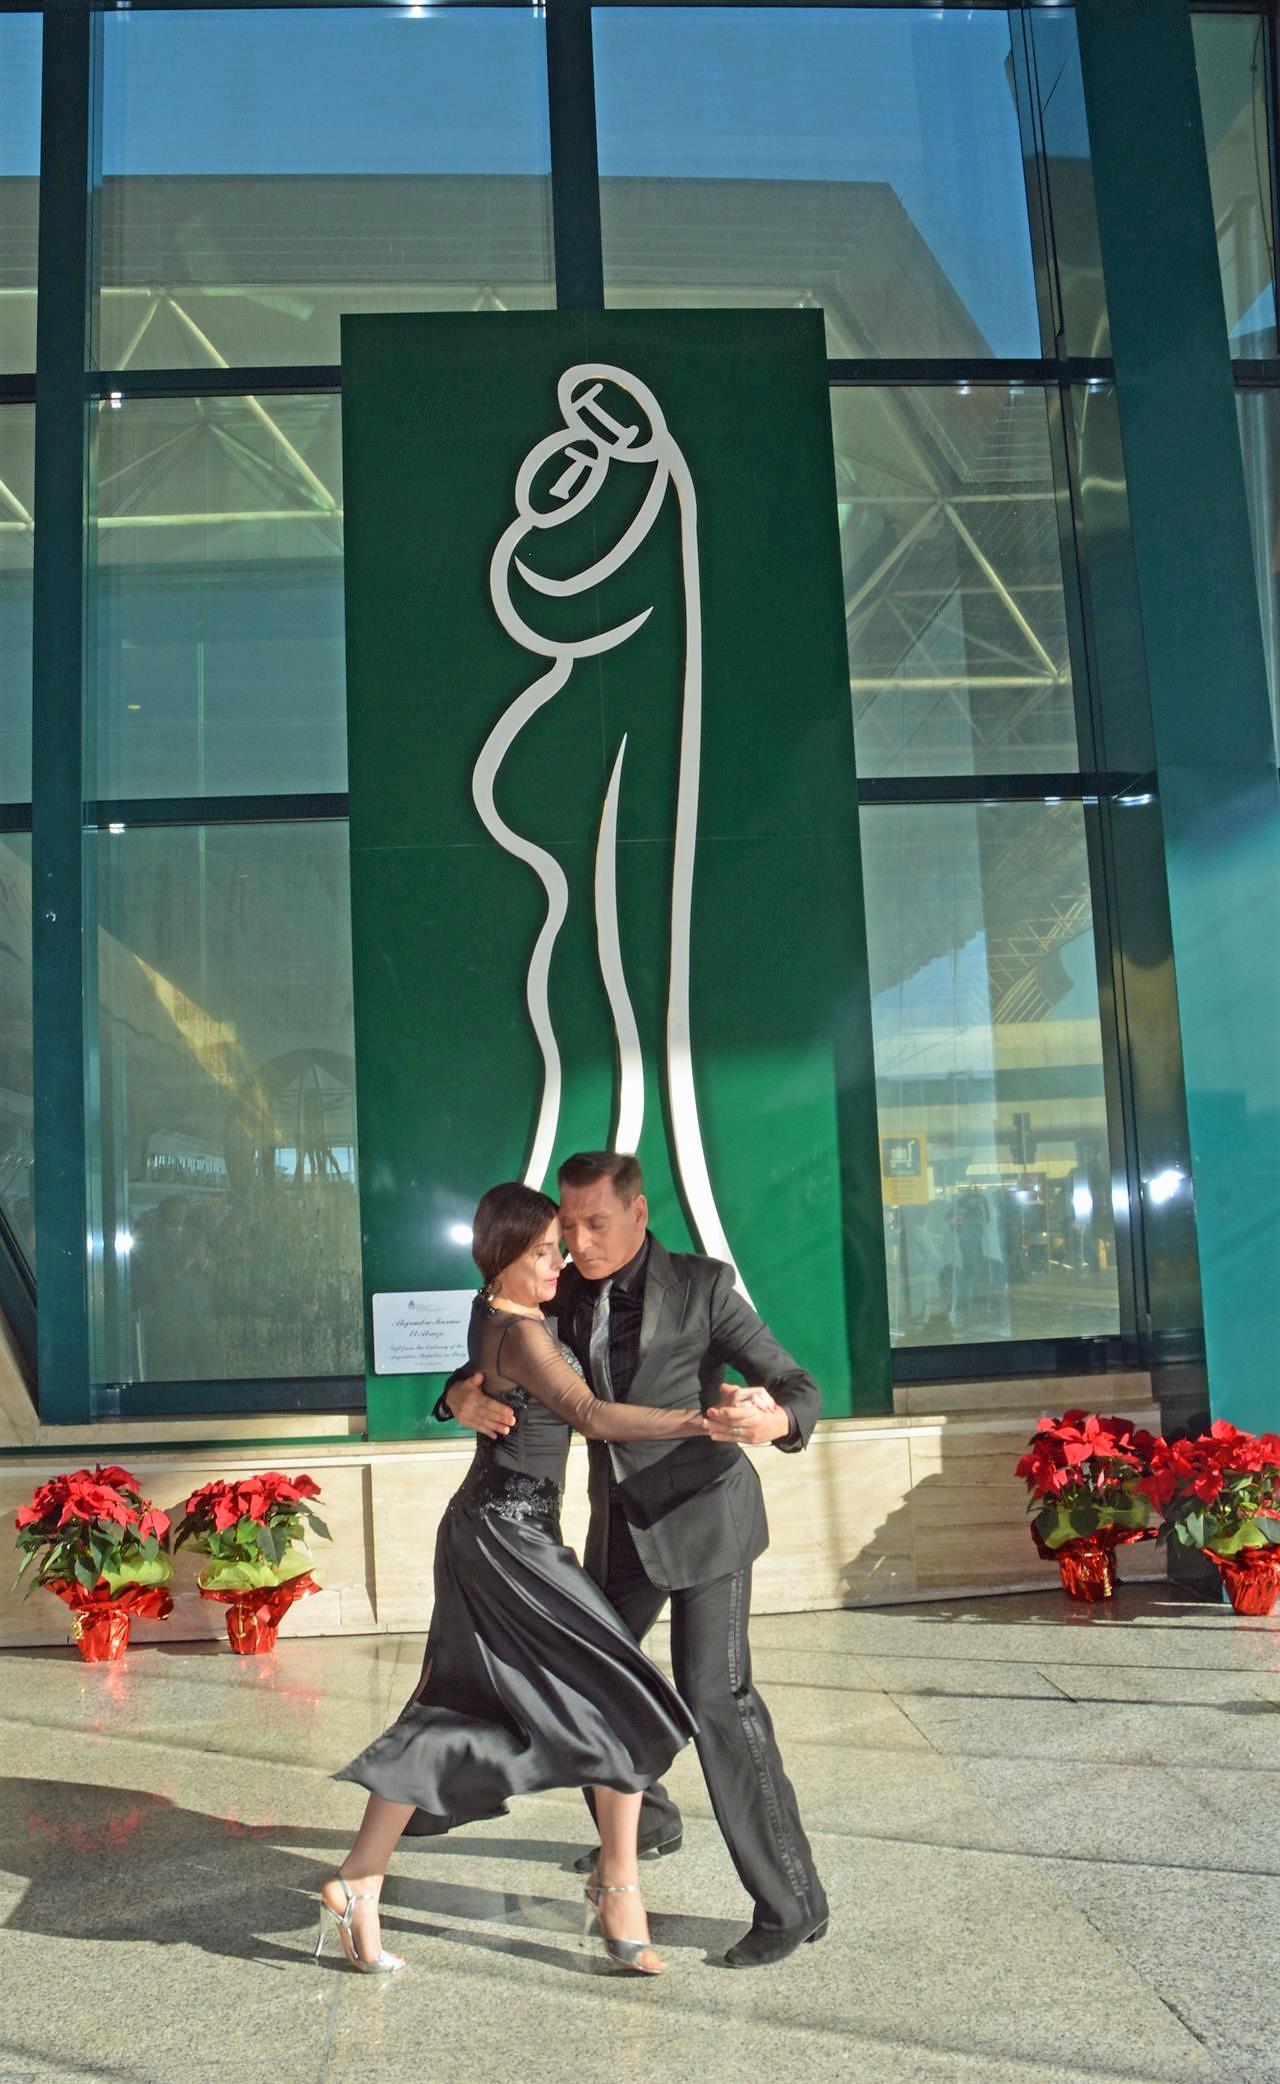 Lo scultore Marmo dona opera all'aeroporto di Fiumicino